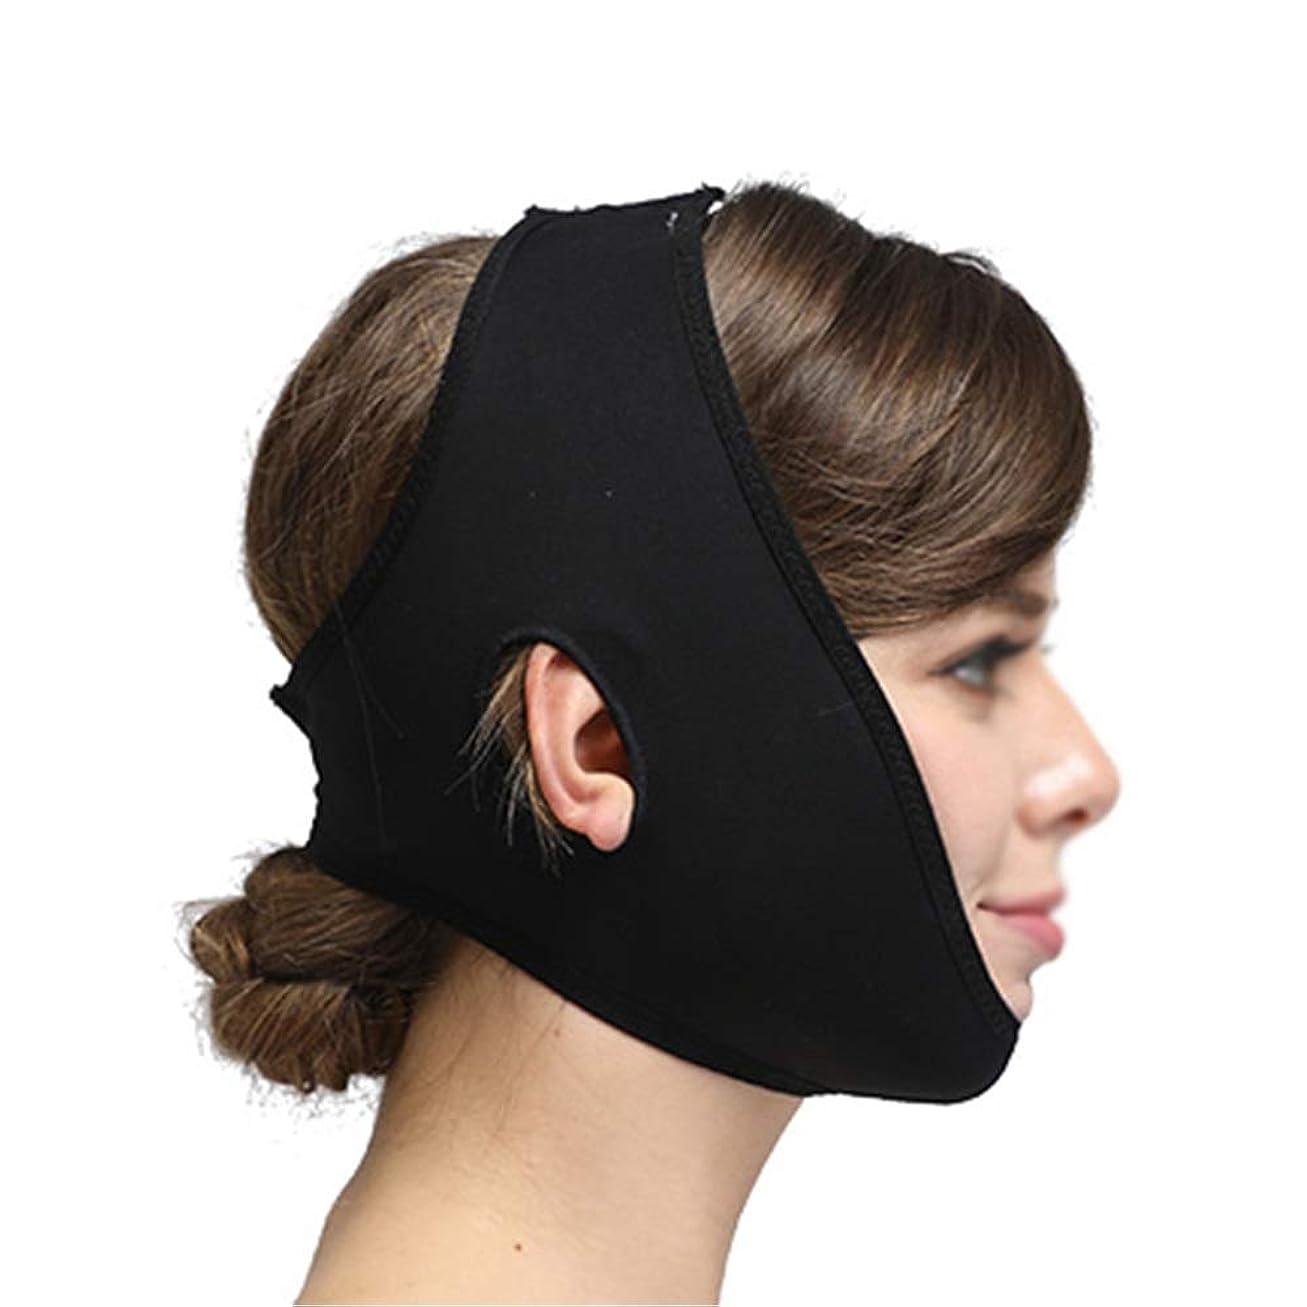 バルコニーペルセウスアドバイスXHLMRMJ フェイシャル彫刻道具、弾力性のあるヘッドギア、脂肪吸引術、薄い顔、二重あご (Color : Black, Size : XL)